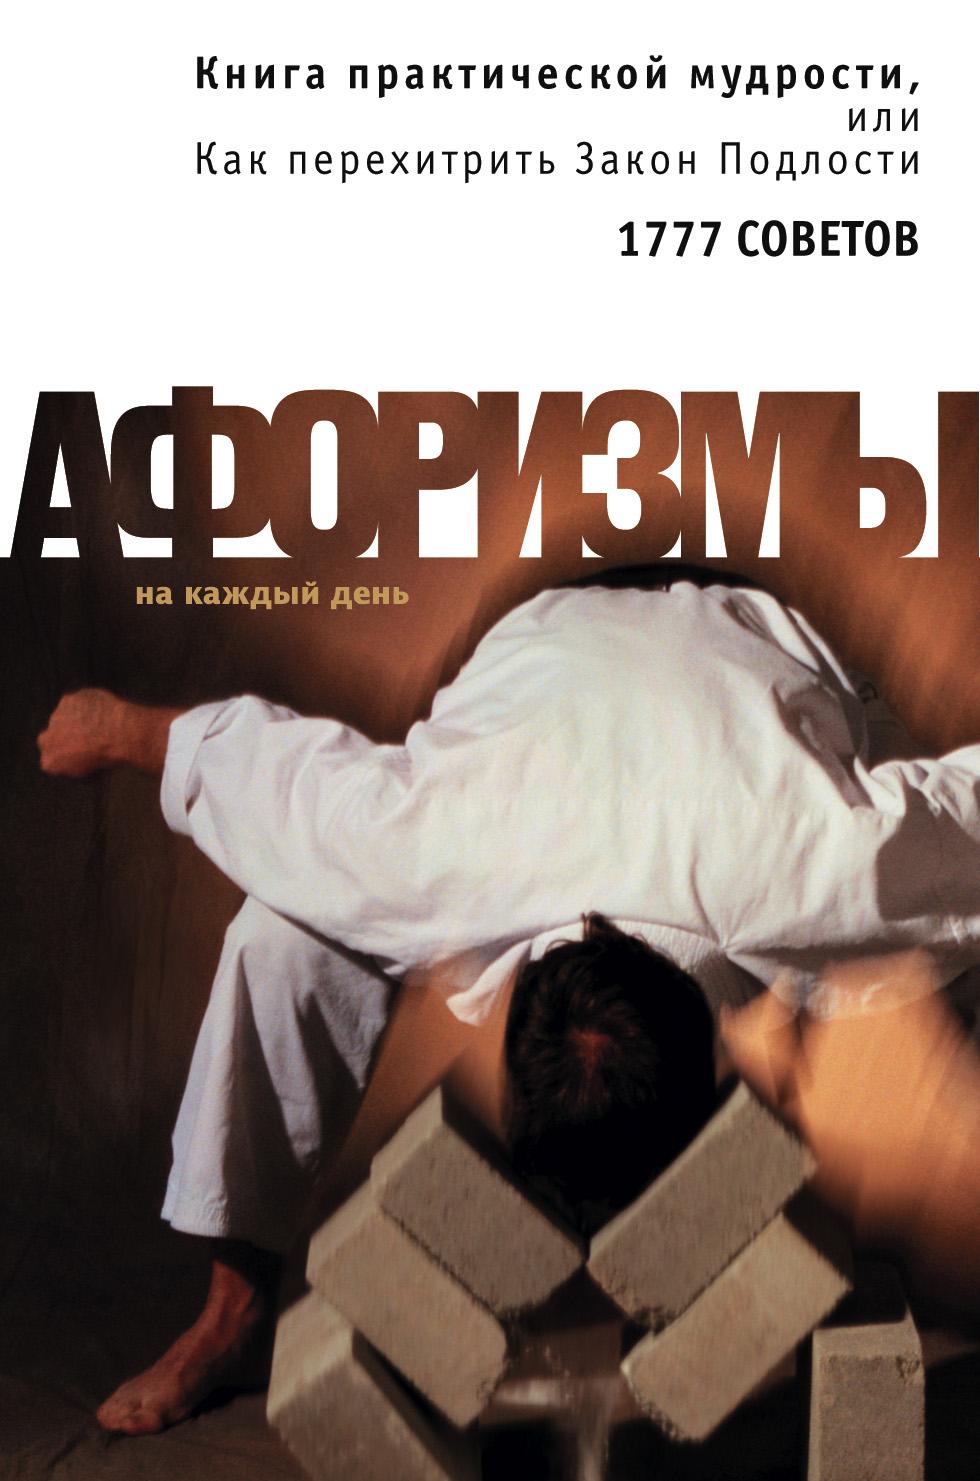 Константин Душенко Книга практической мудрости, или Как перехитрить Закон Подлости маленькие подлости